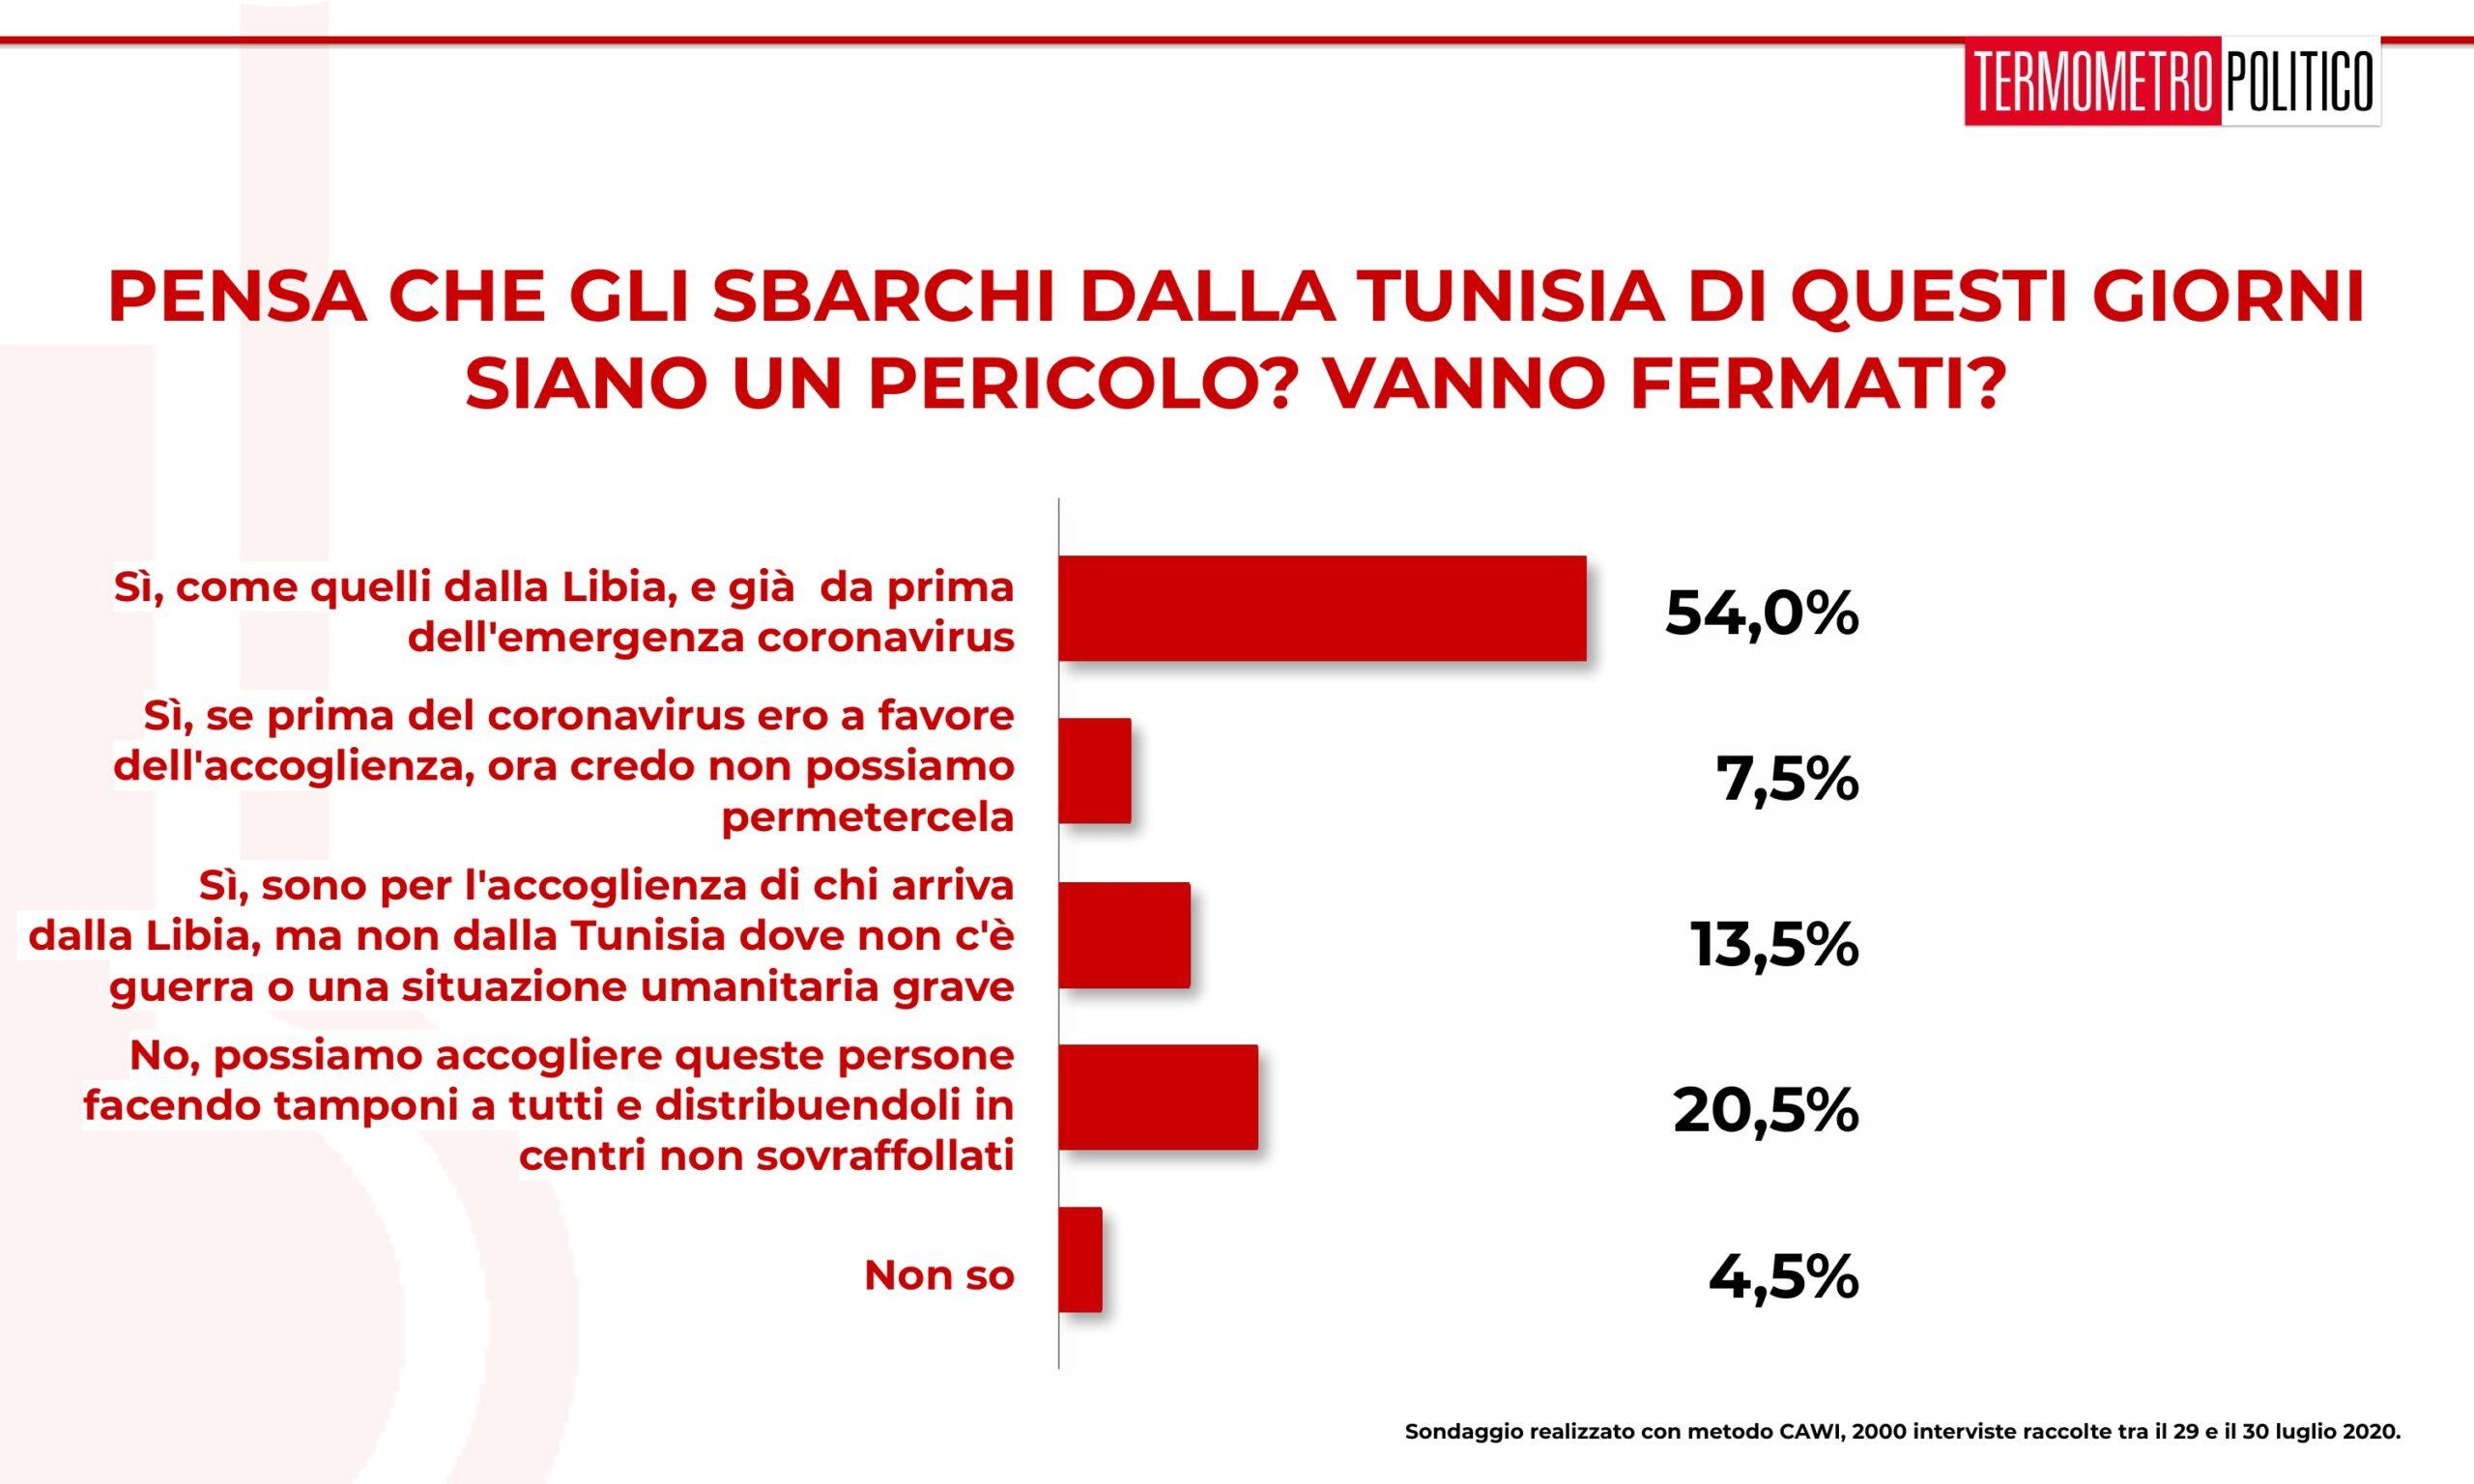 sondaggi elettorali tp, 2